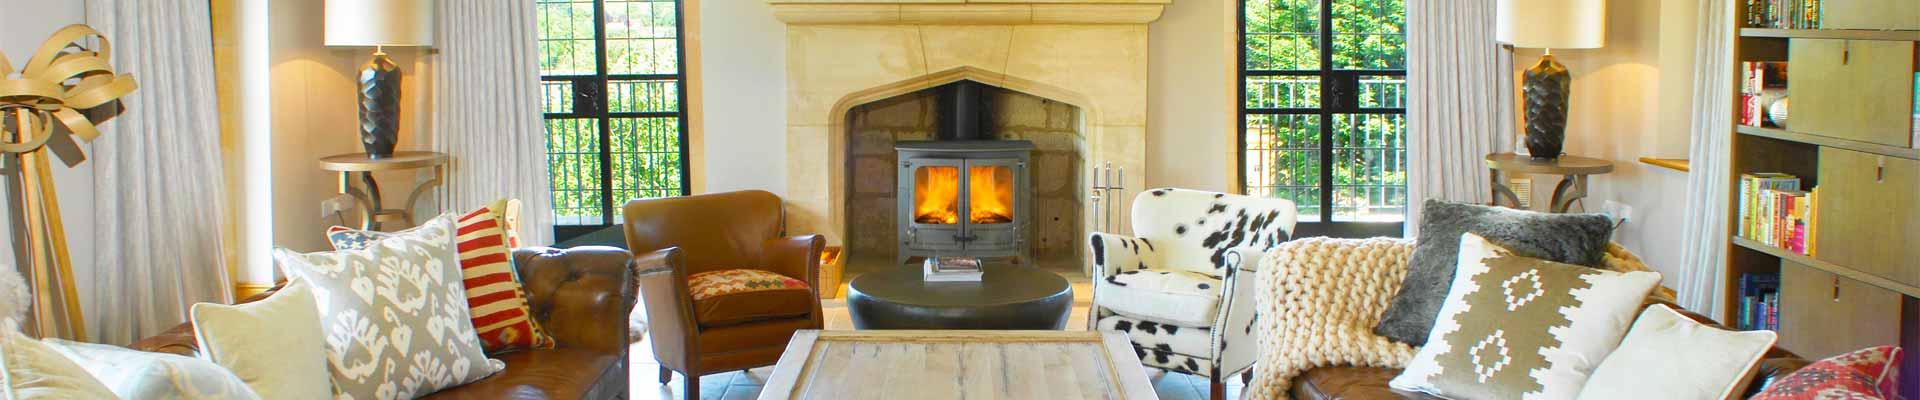 Photo of Elkstones fireplace